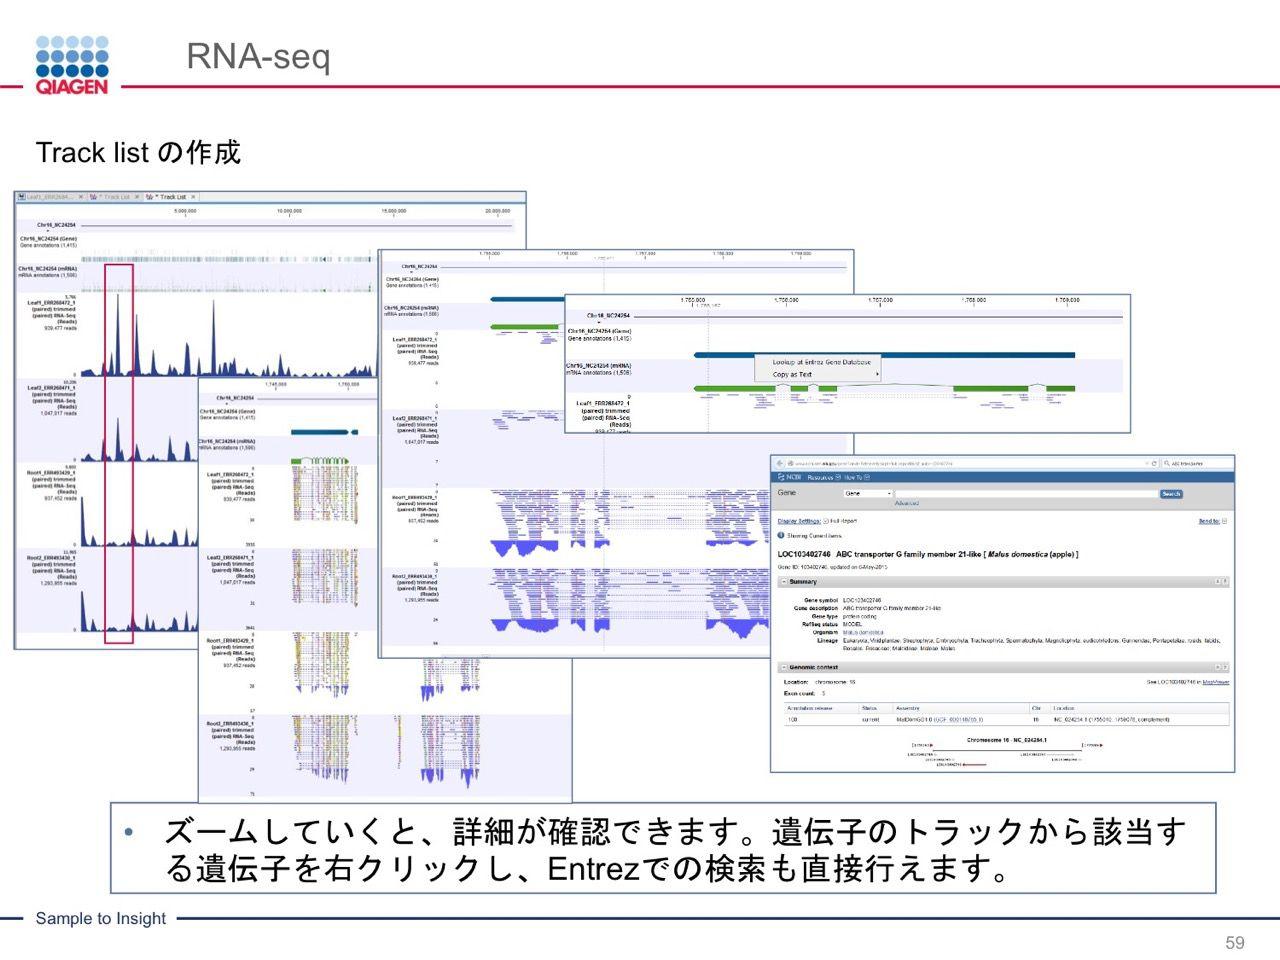 images/AJACSa2_miyamoto_059.jpg